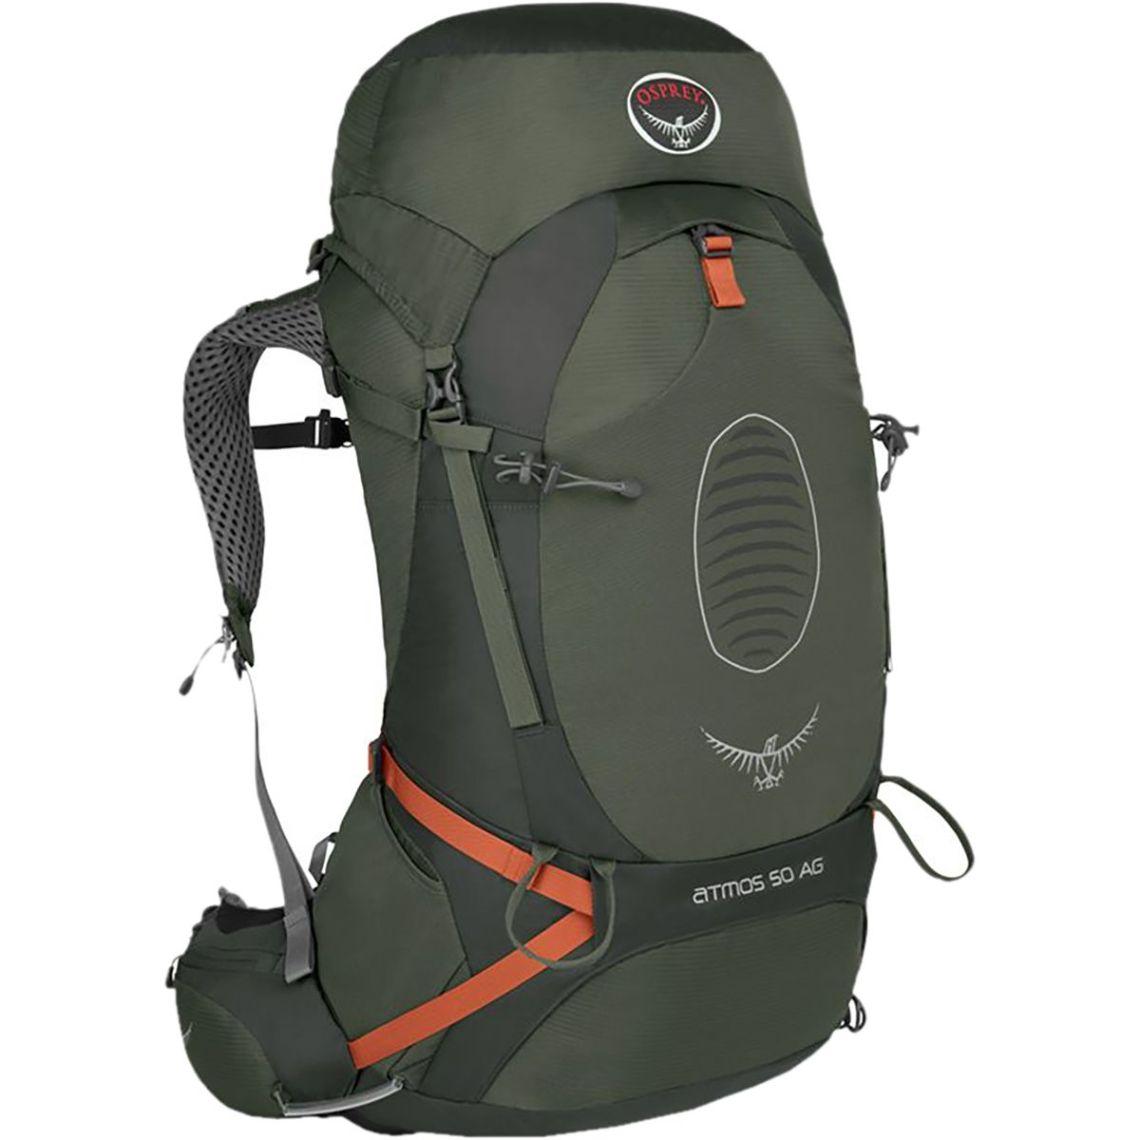 OspreyPack50